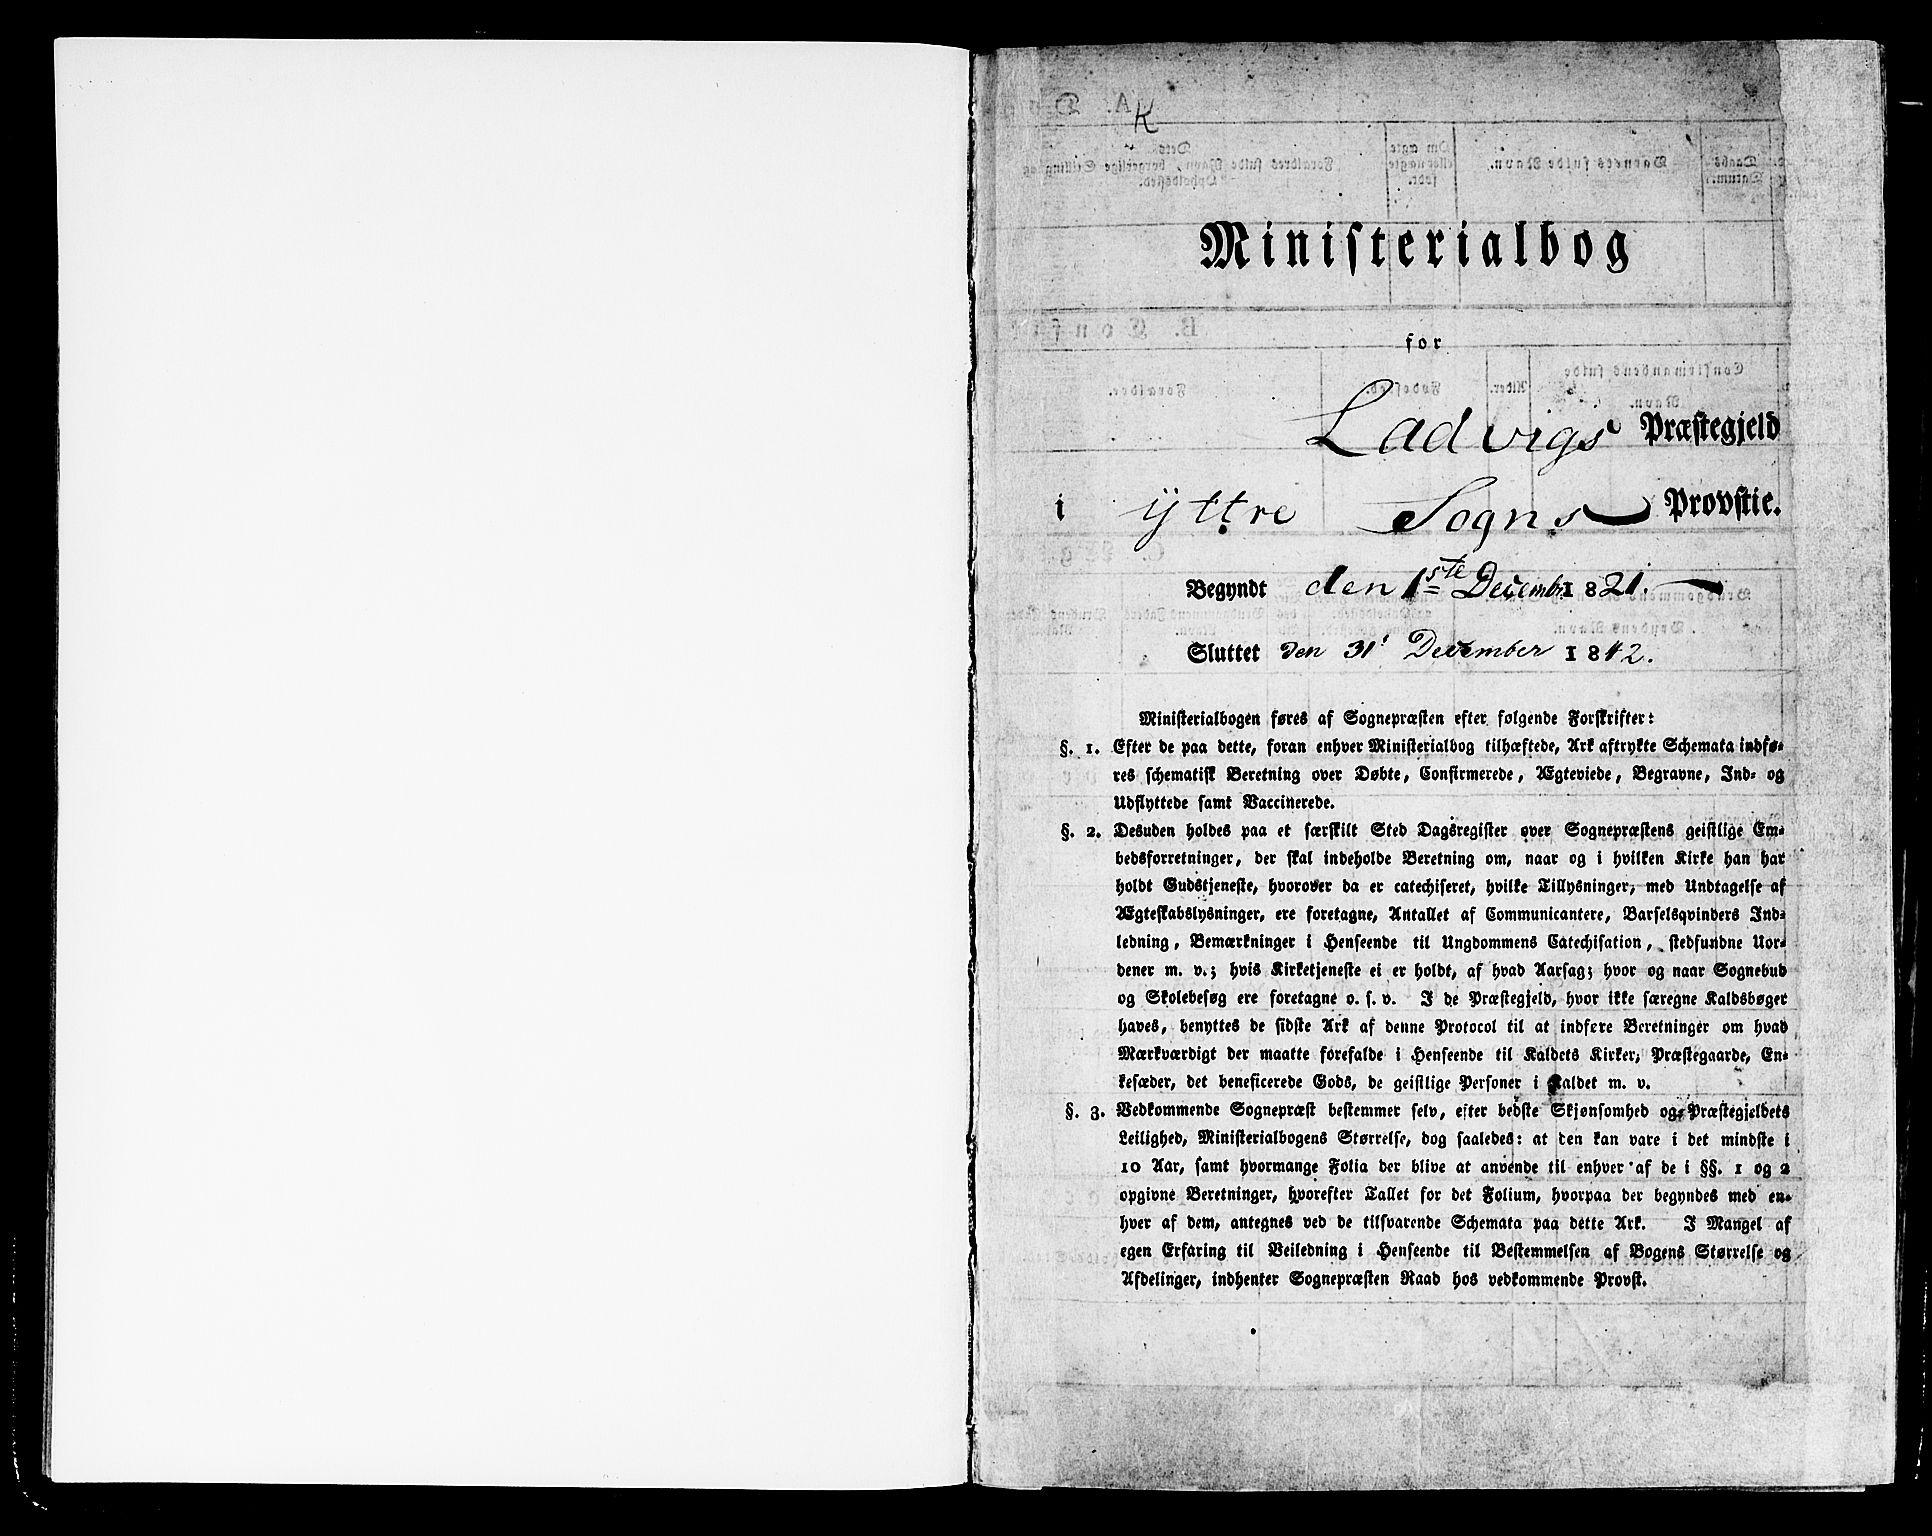 SAB, Lavik sokneprestembete, Ministerialbok nr. A 2I, 1821-1842